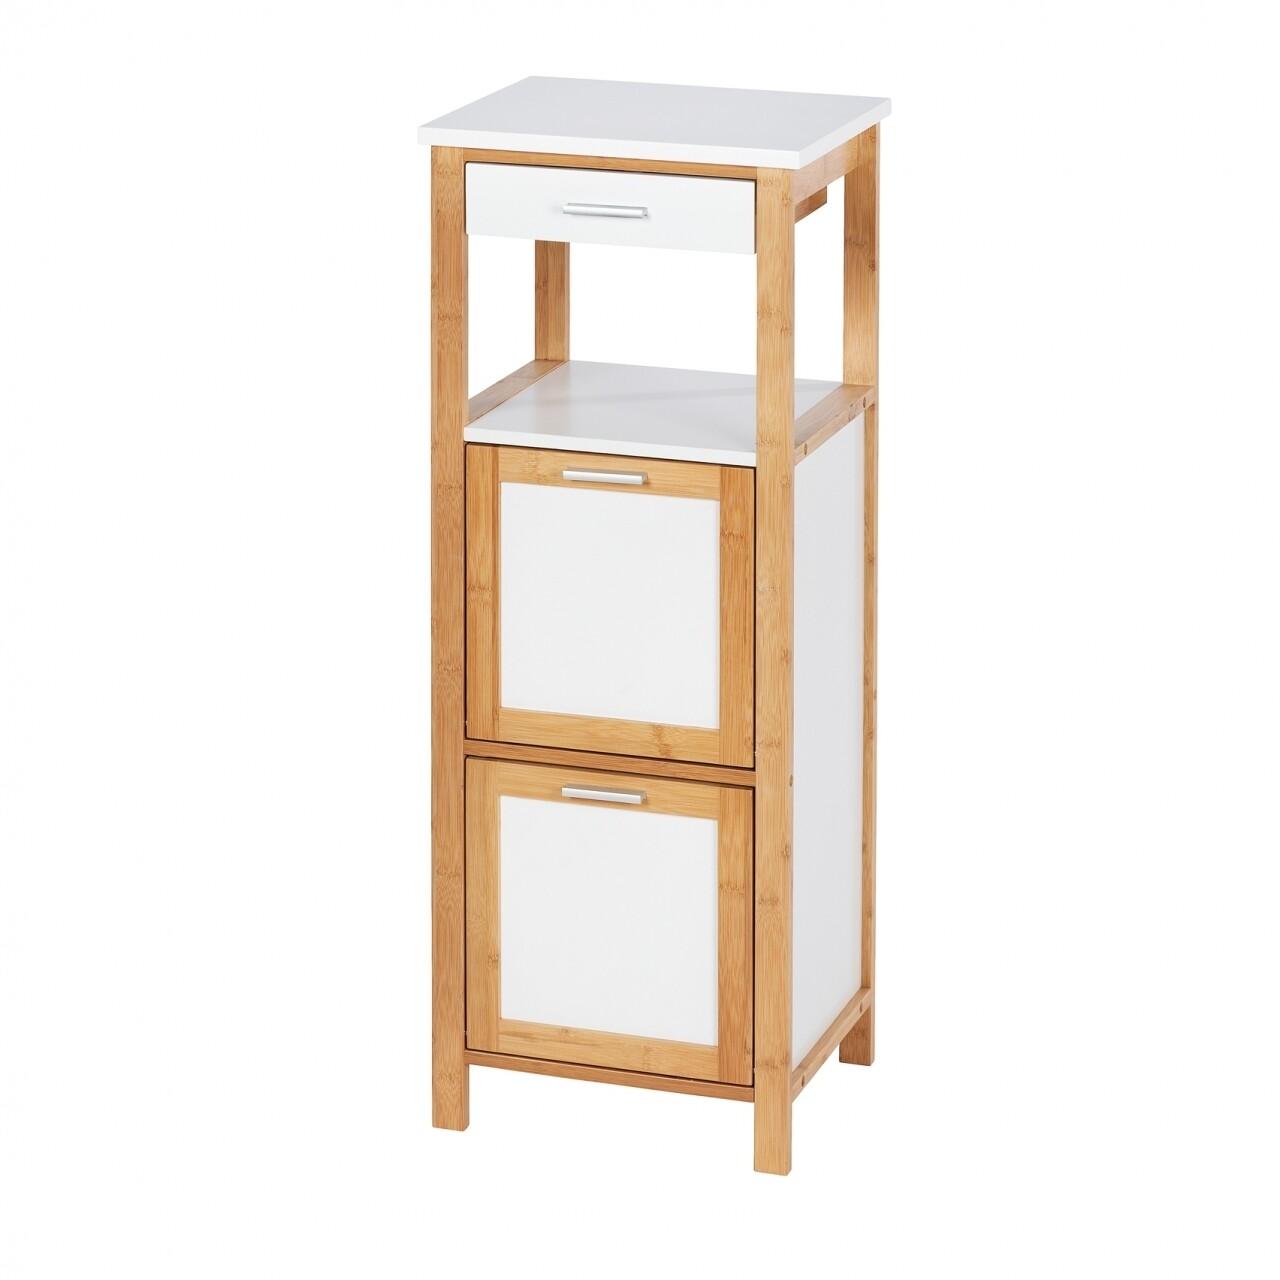 Dulap pentru baie cu 2 compartimente și 1 sertar, Wenko Finja, bambus